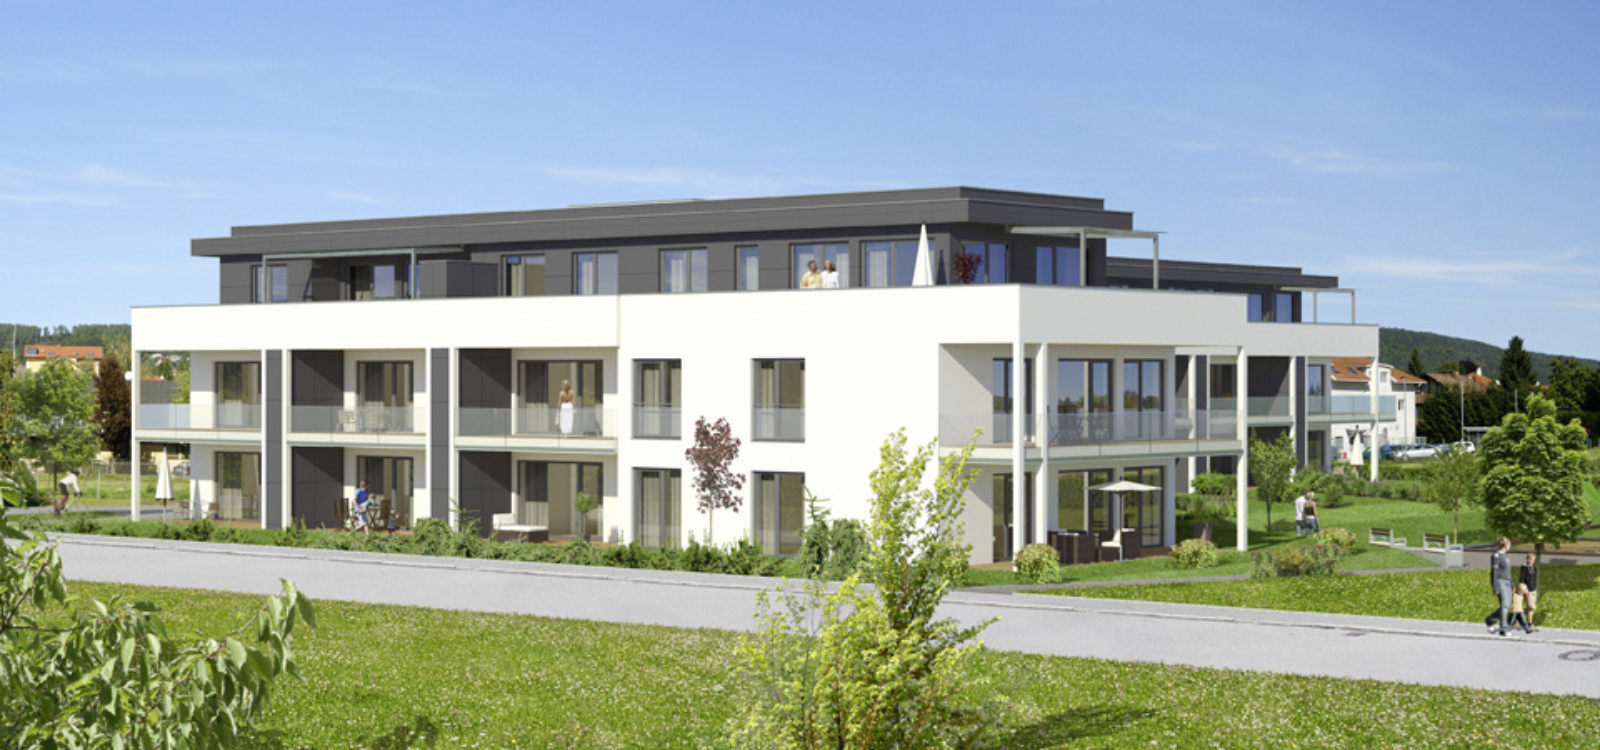 Wohnprojekt Velden mittig